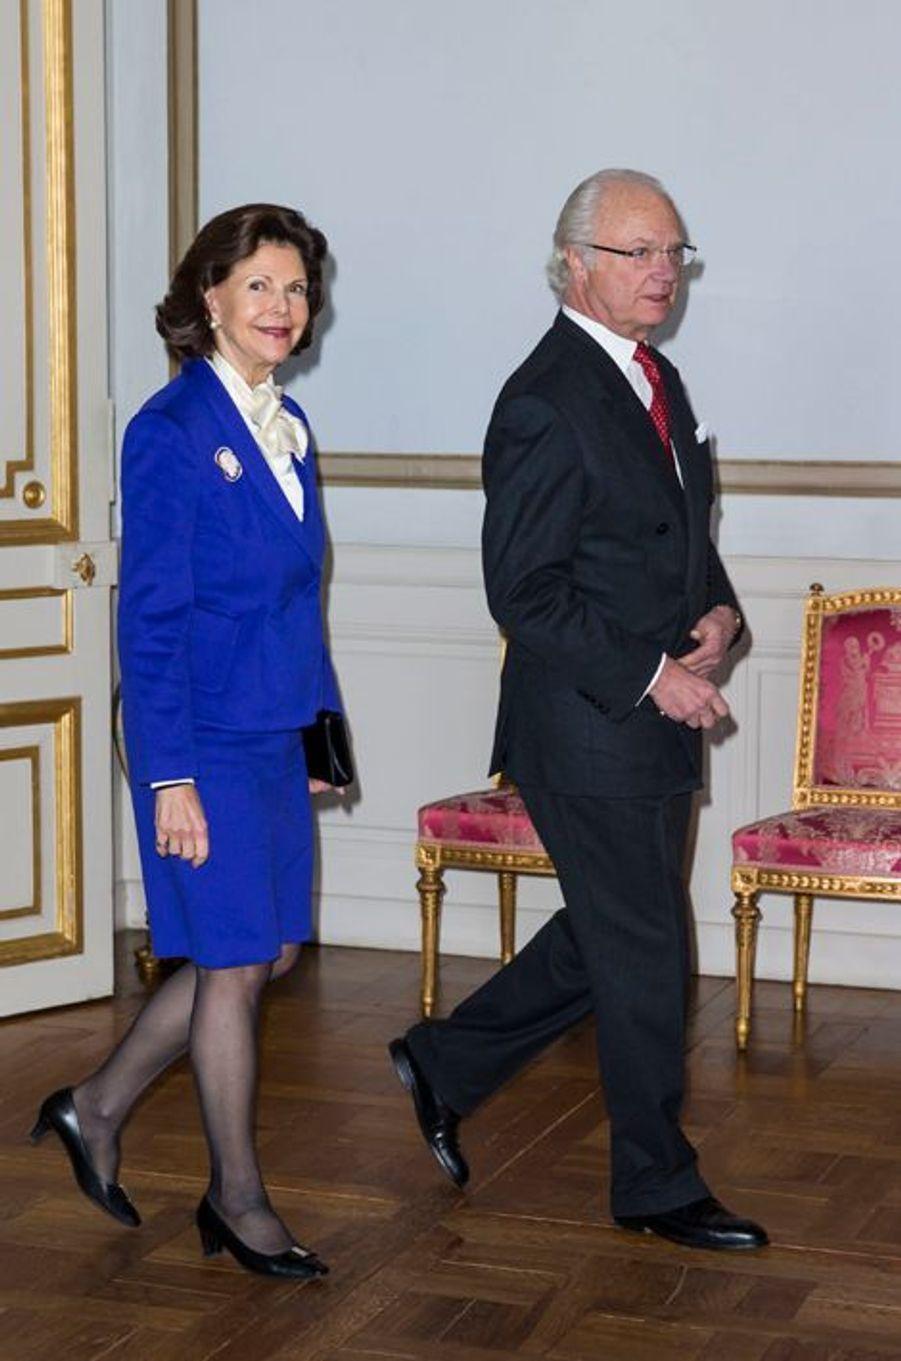 La reine Silvia et le roi Carl XVI Gustaf de Suède au Palais royal à Stockholm le 22 janvier 2016